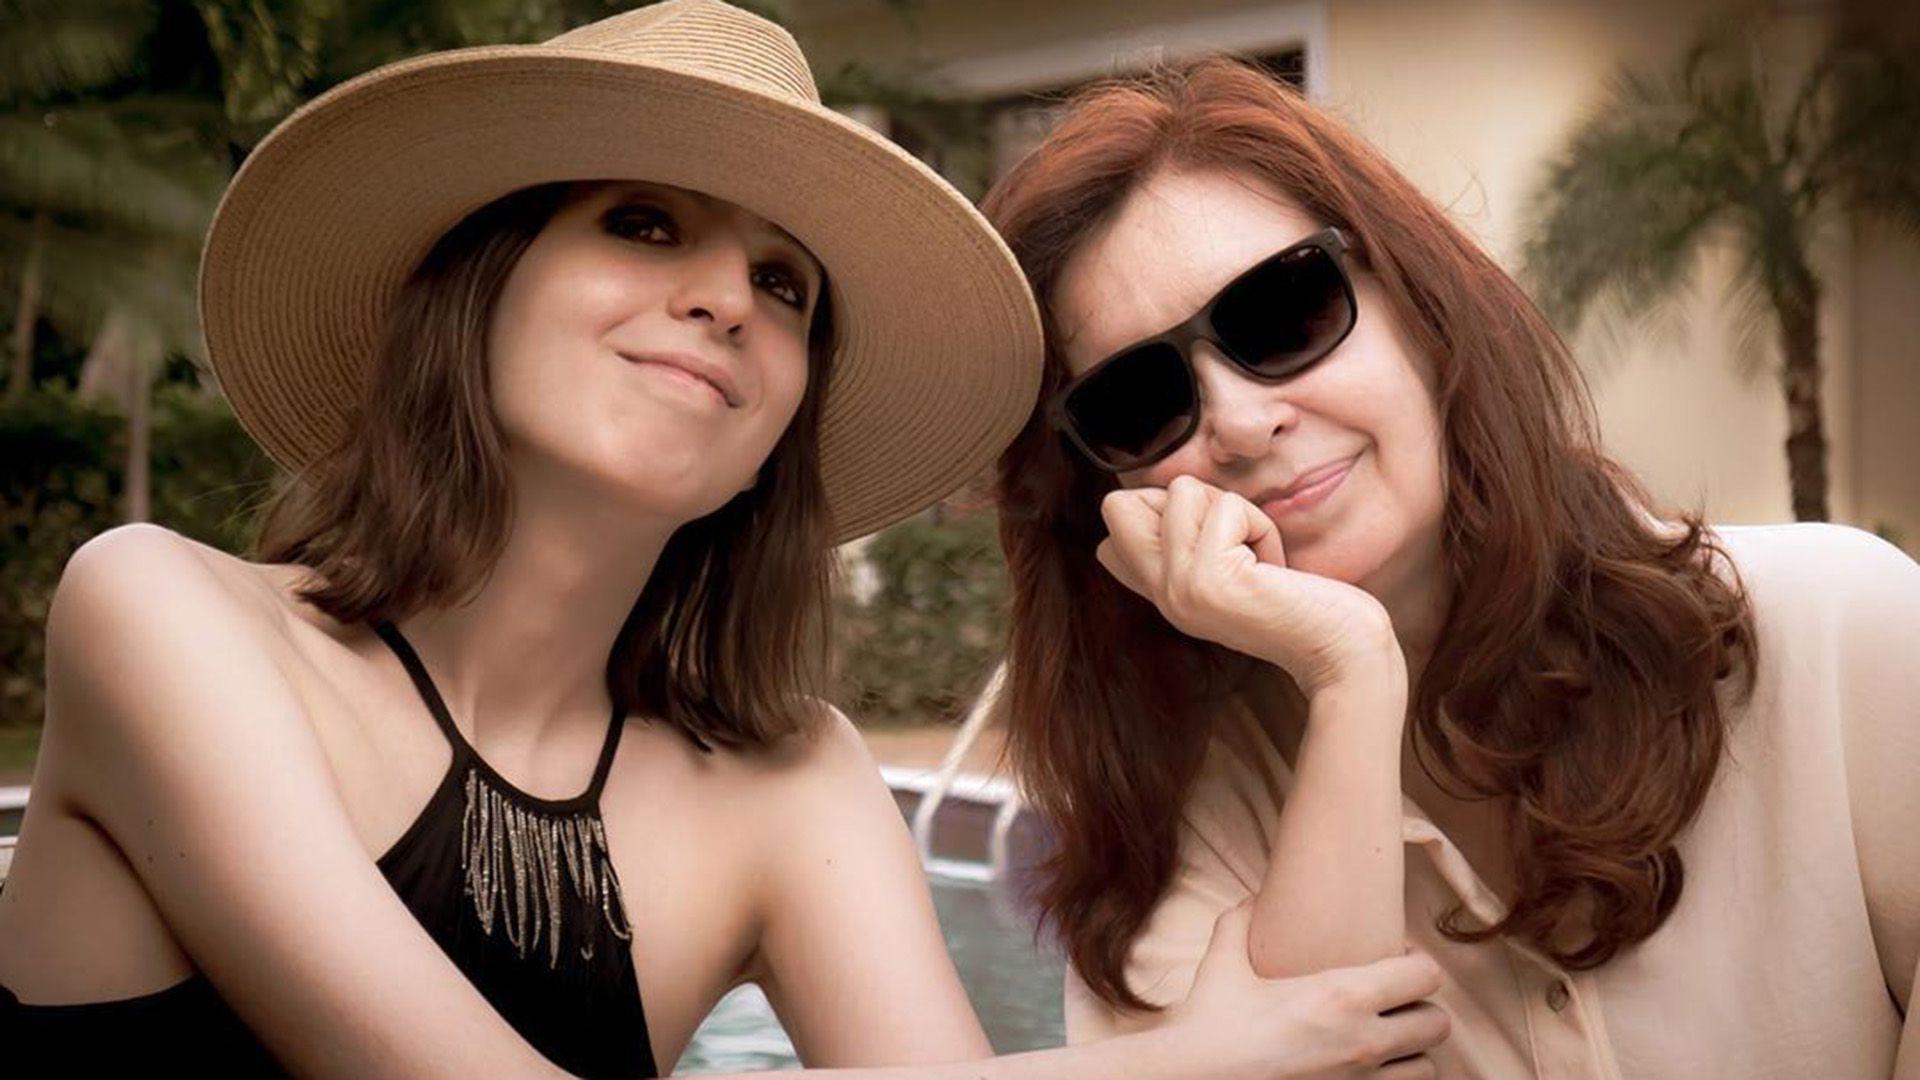 El voto de Cristina Fernández influenciado por su hija Florencia Kirchner